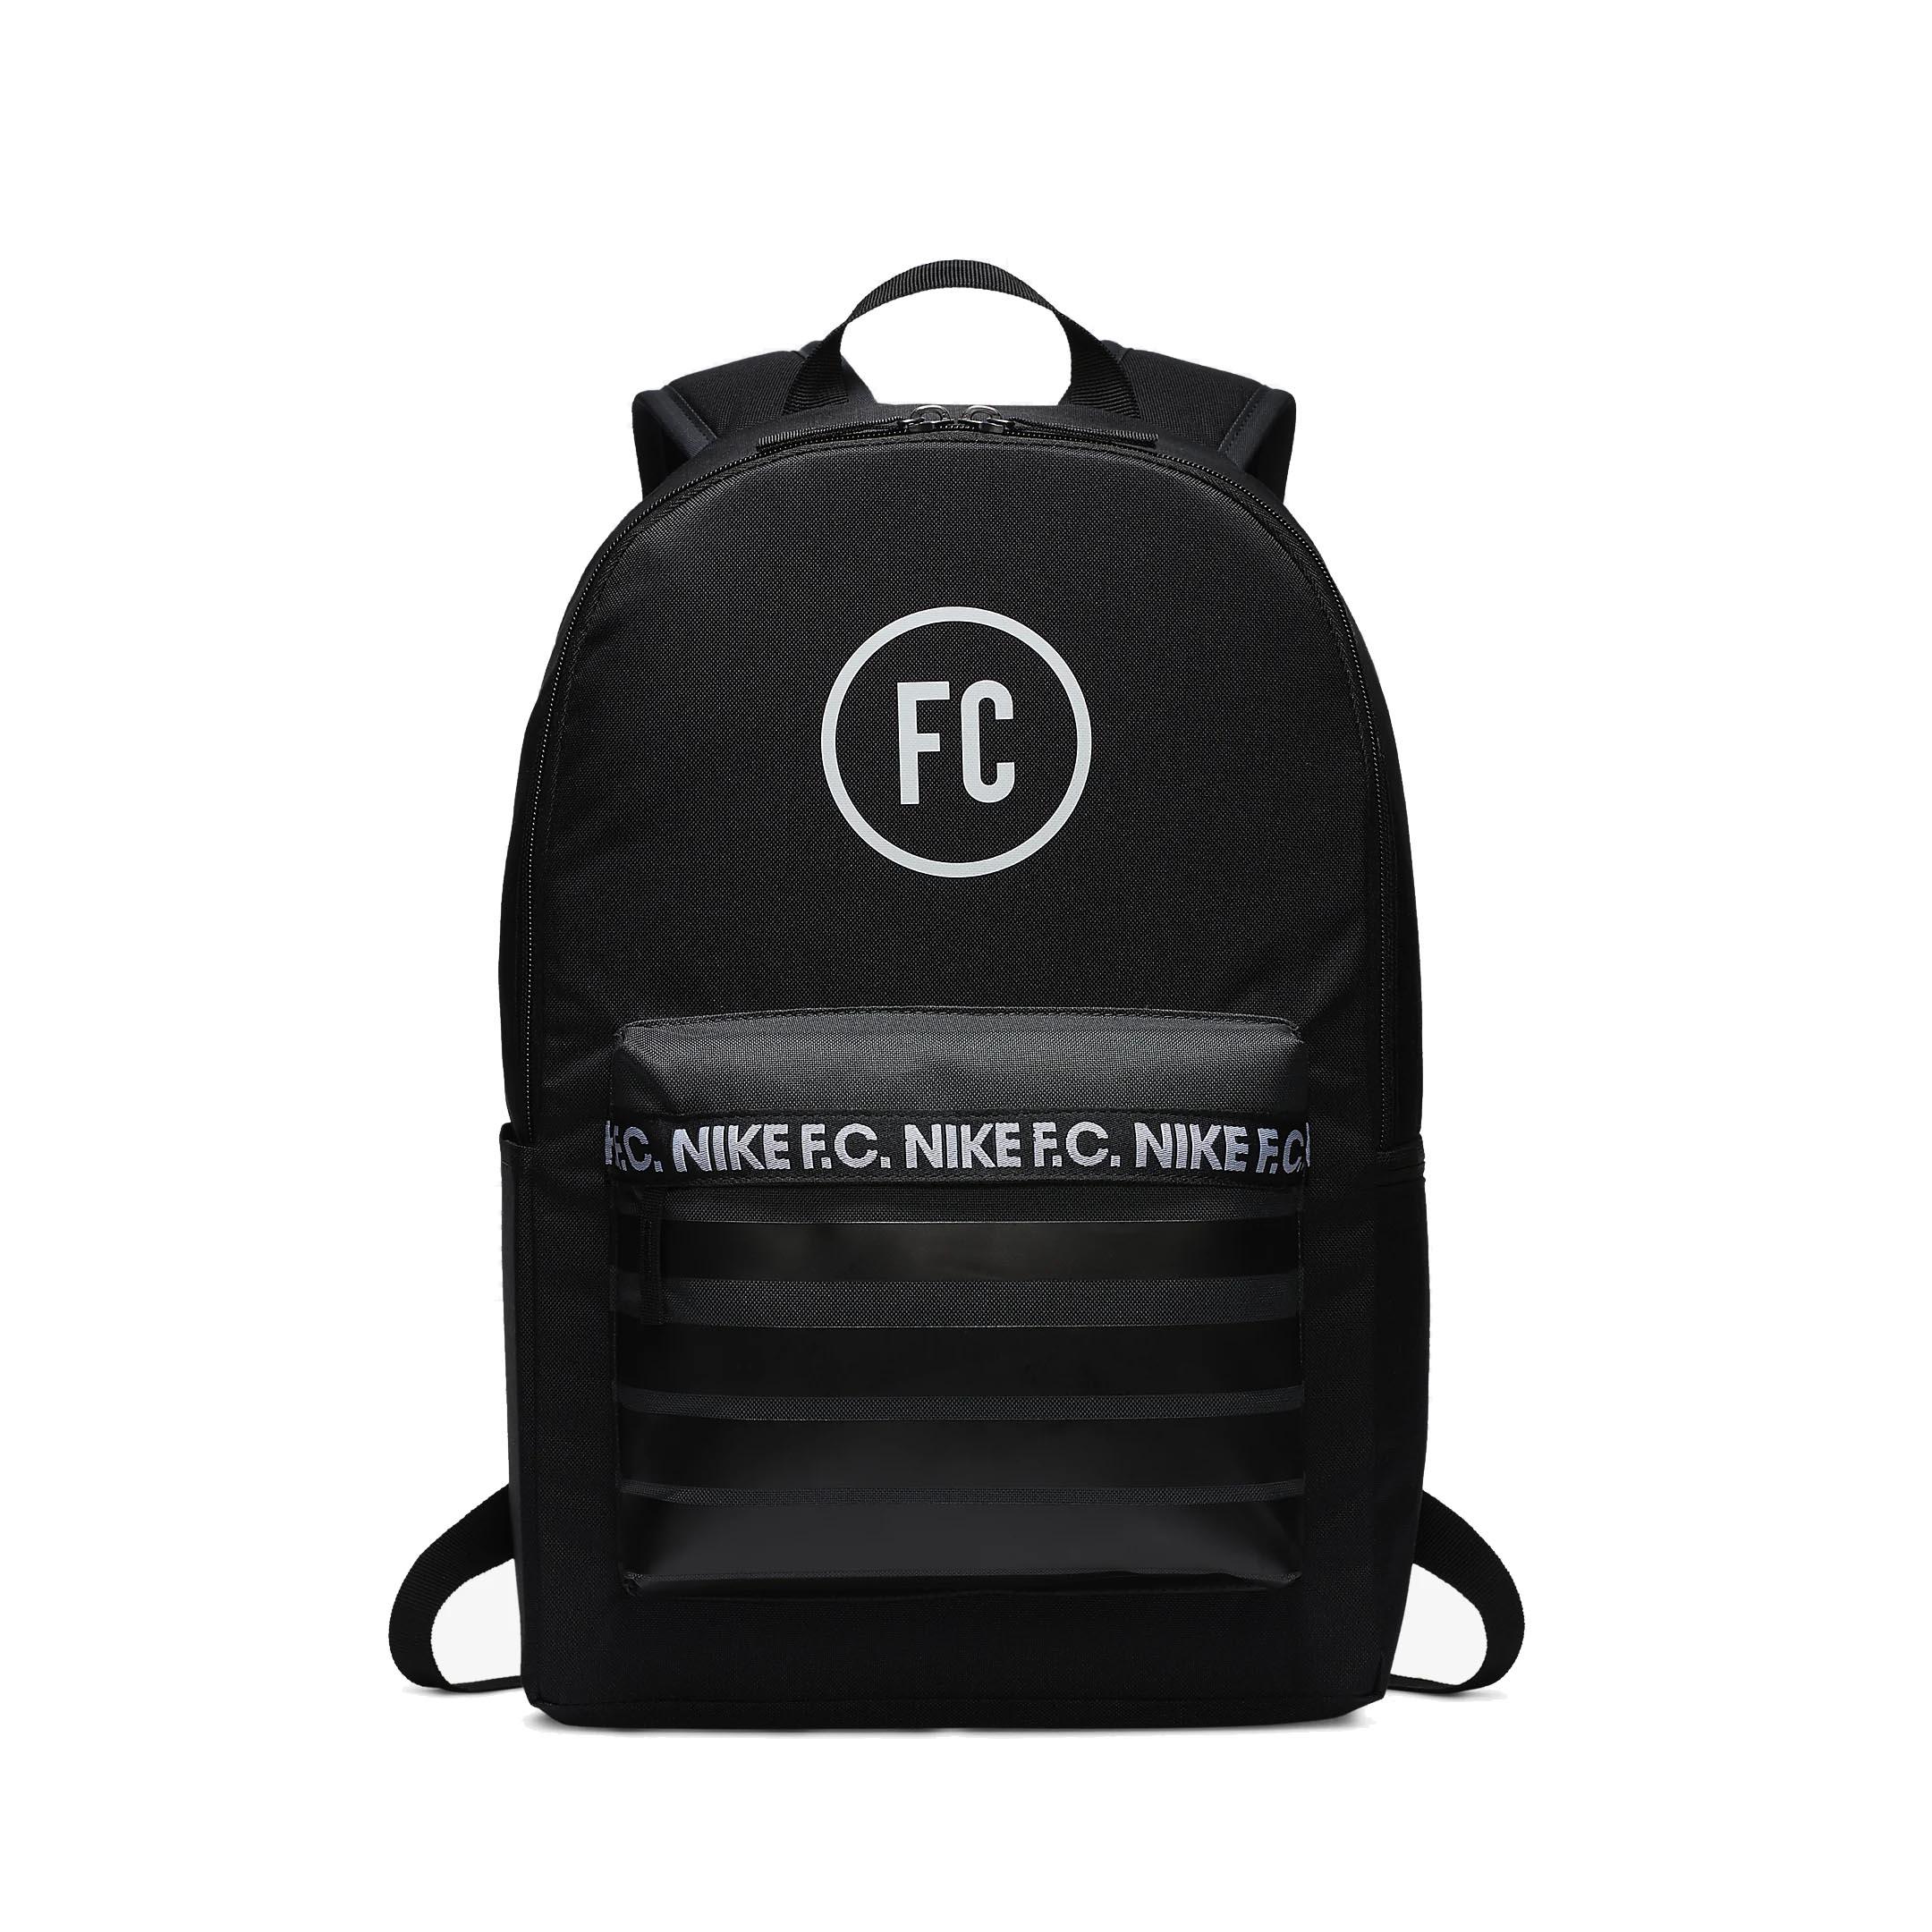 NIKE FC BKPK BA6109-011